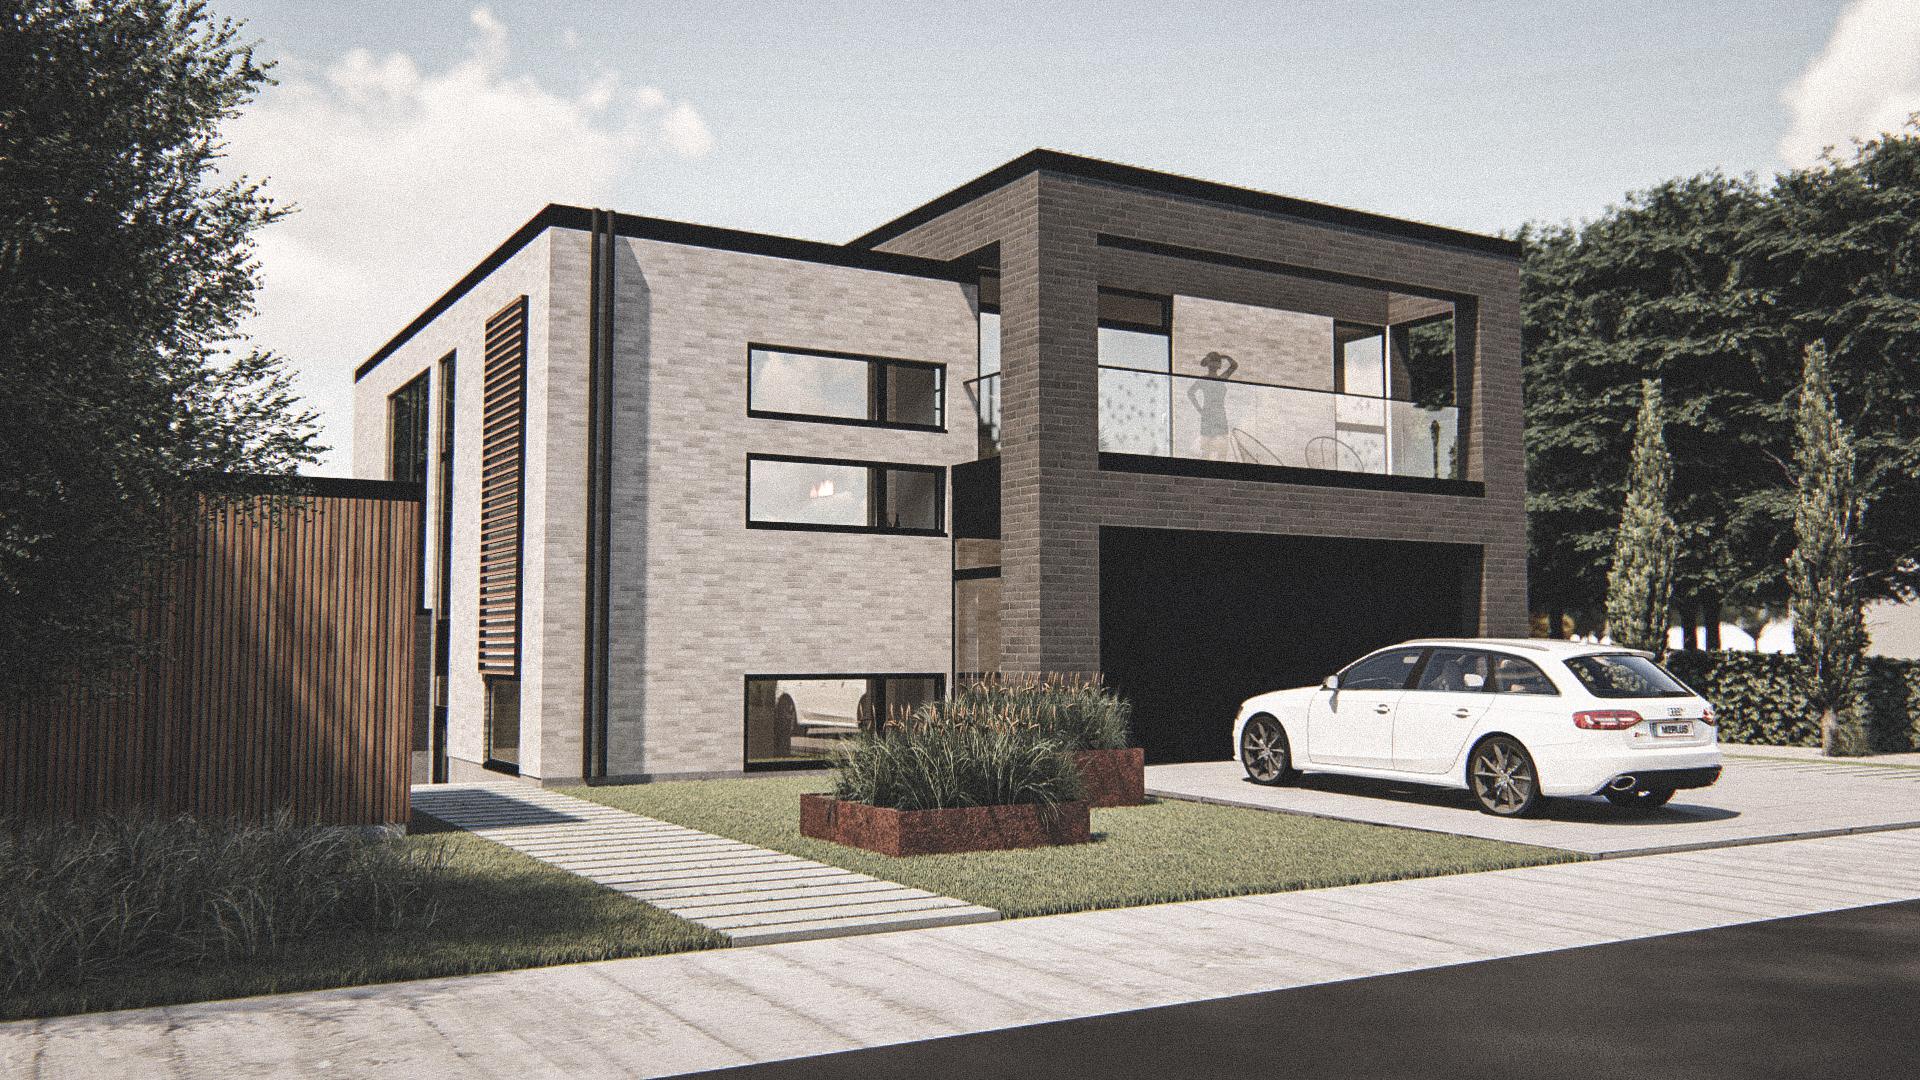 Billede af Dansk arkitekttegnet 3 plan villa af arkitektfirmaet m2plus, i Holte på 338 kvartratmeter.